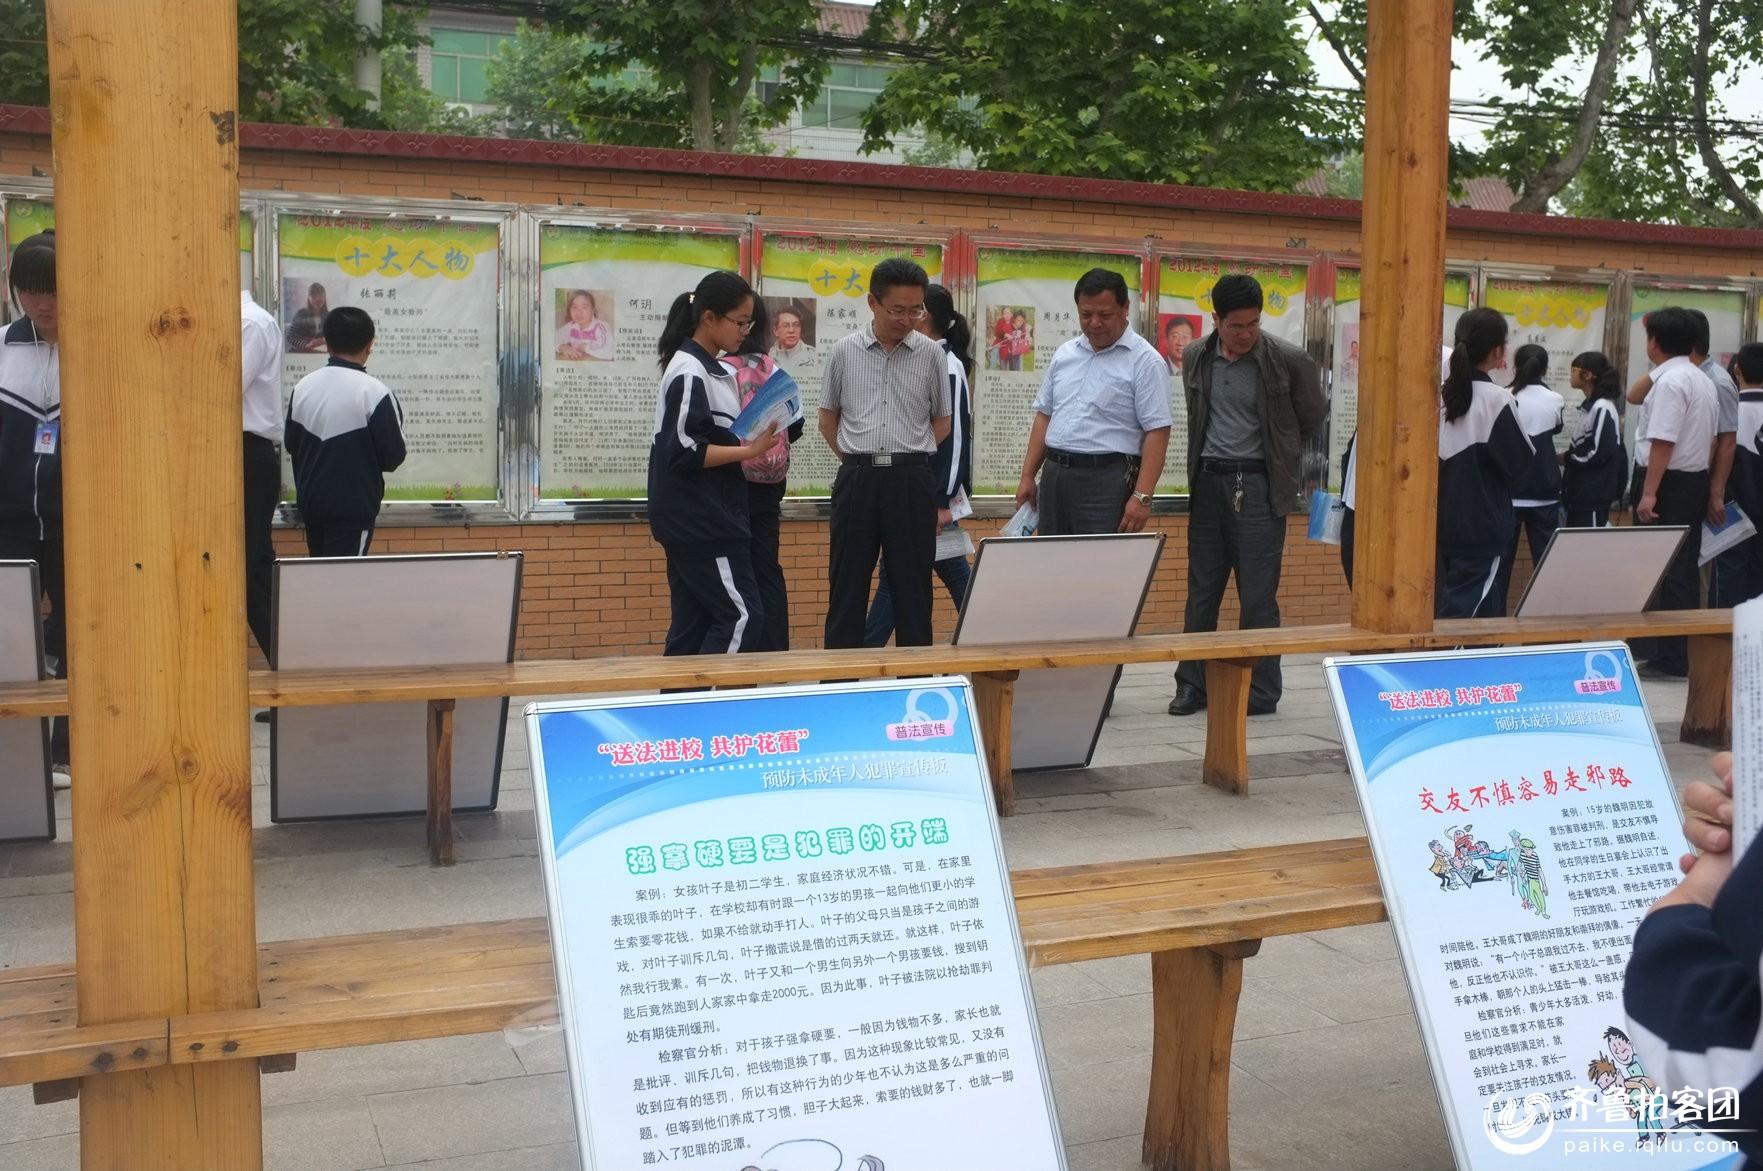 郓城教育局吕局长检察学校法制教育宣传工作